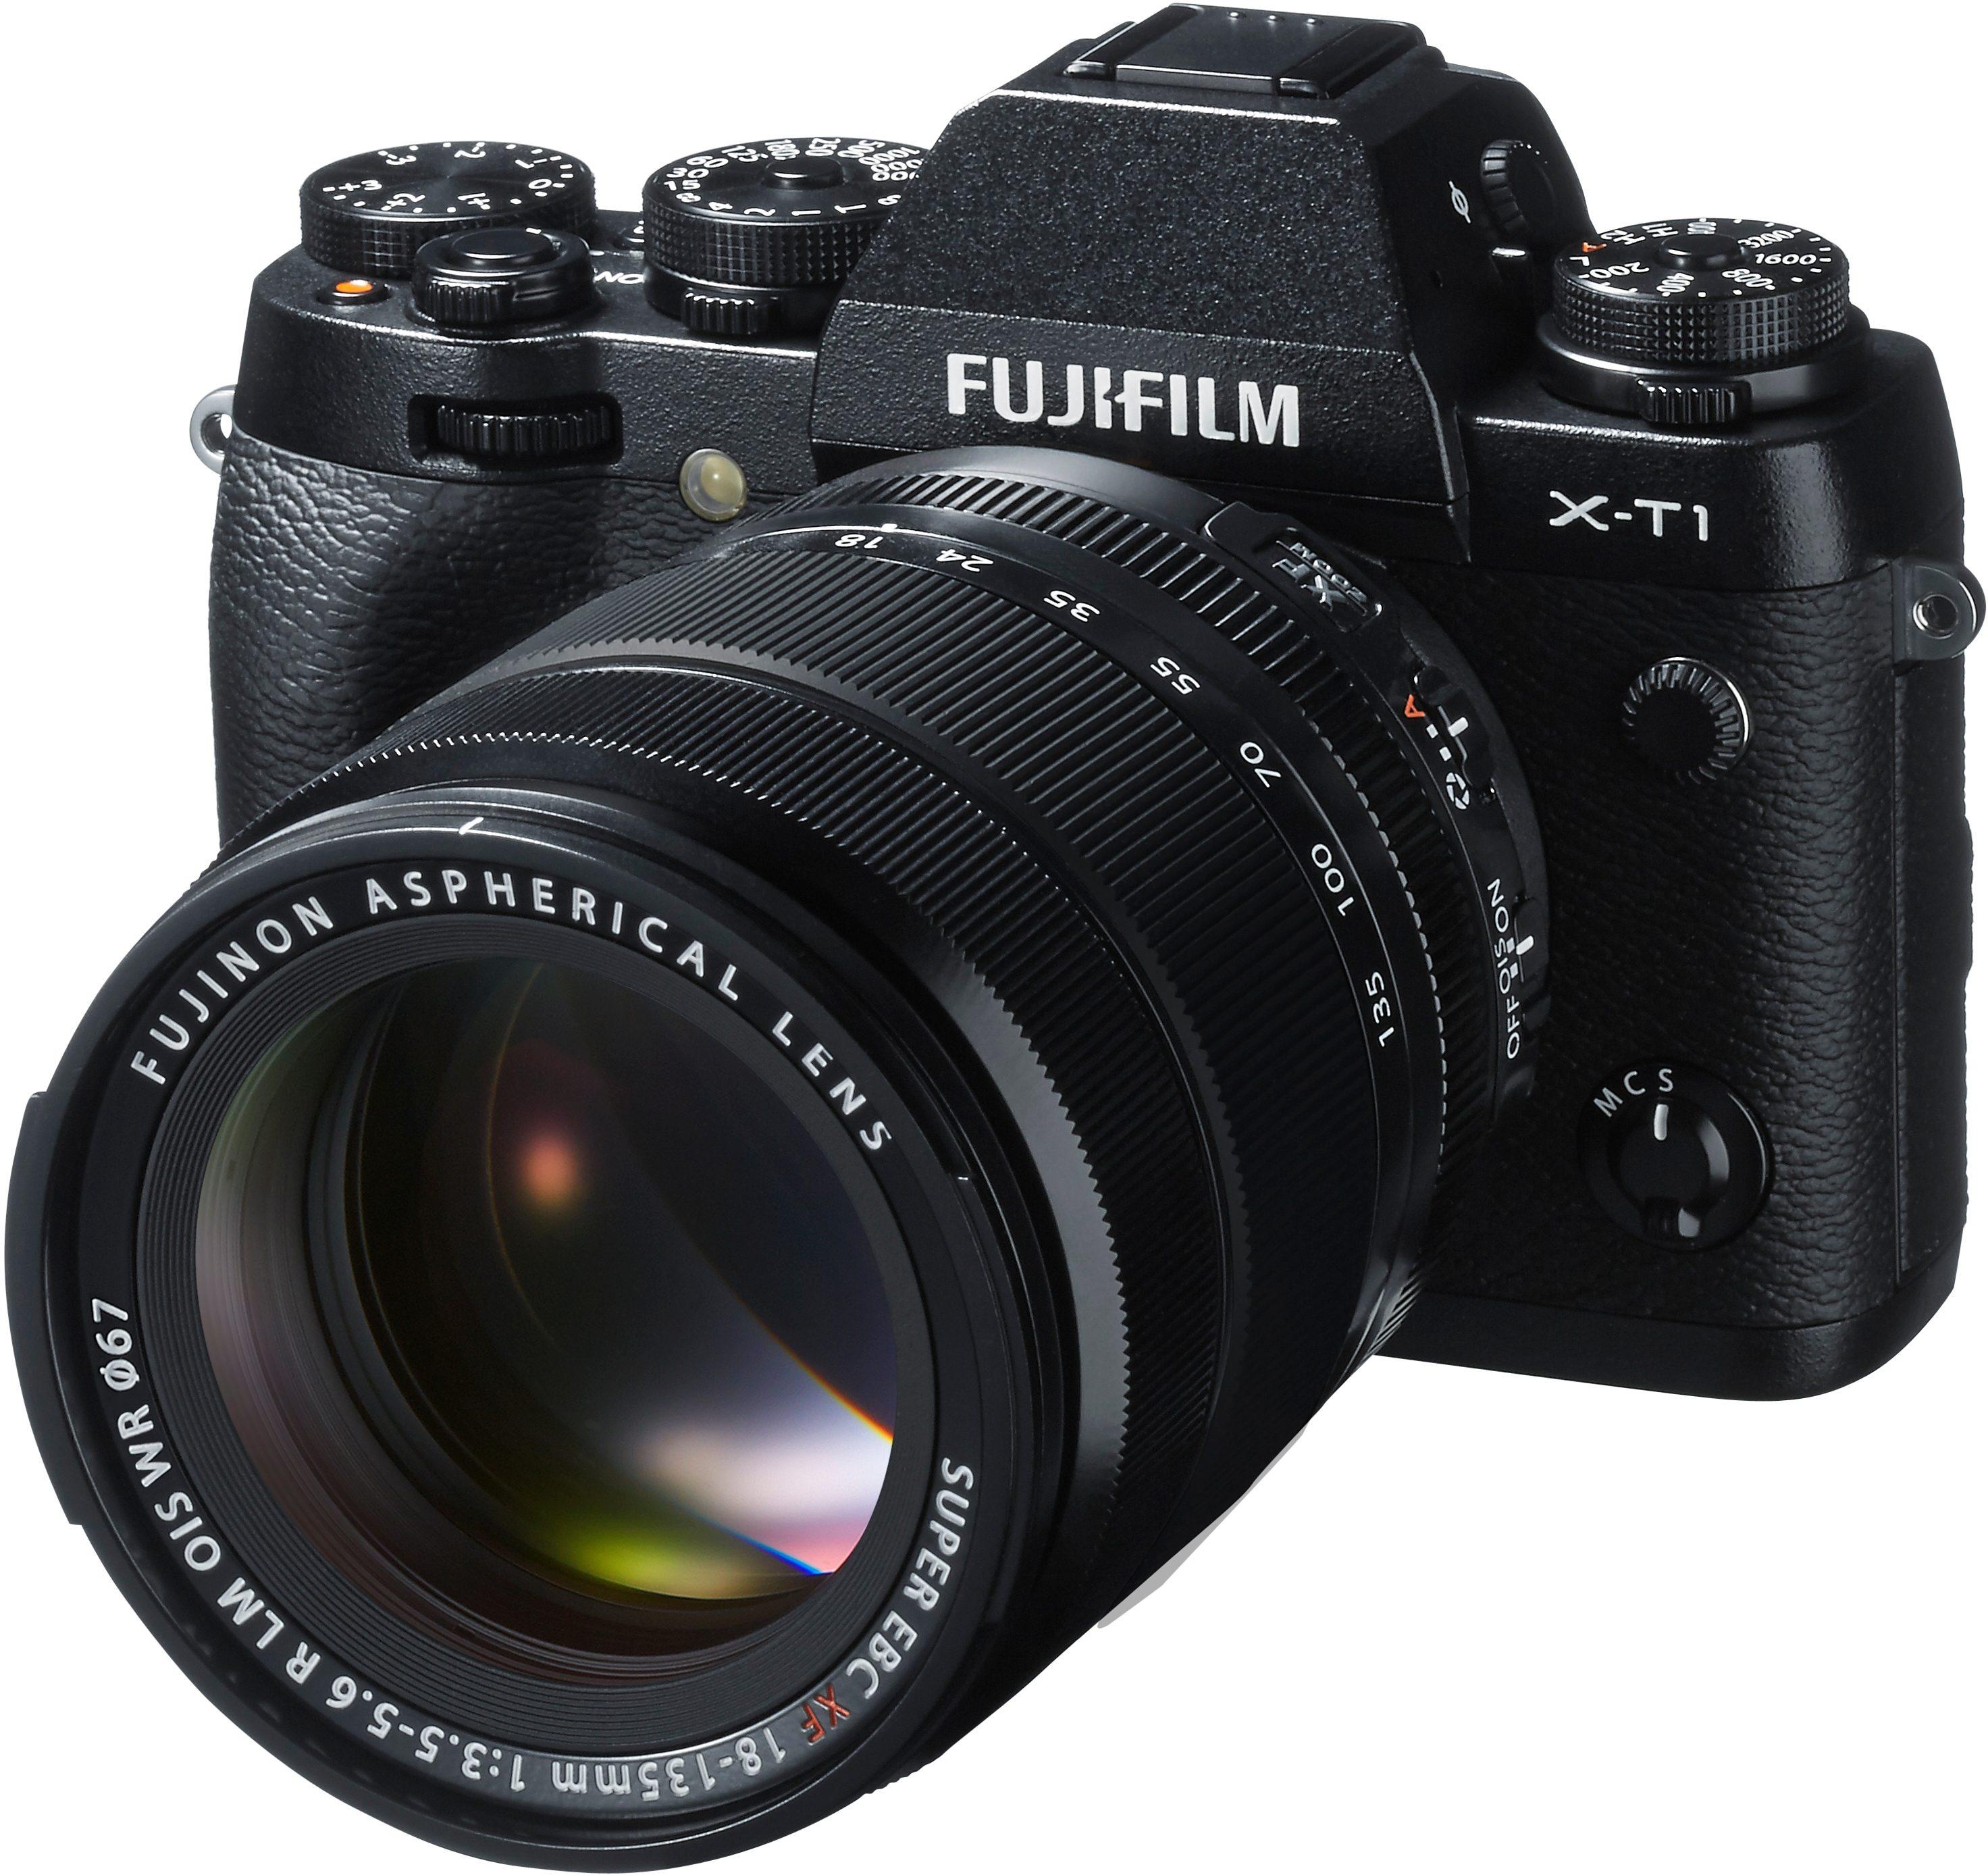 FUJIFILM FINEPIX X-T1 System Kamera, FUJINON XF18-135 OIS WR F3.5-5.6 R LM Zoom, 16,3 Megapixel